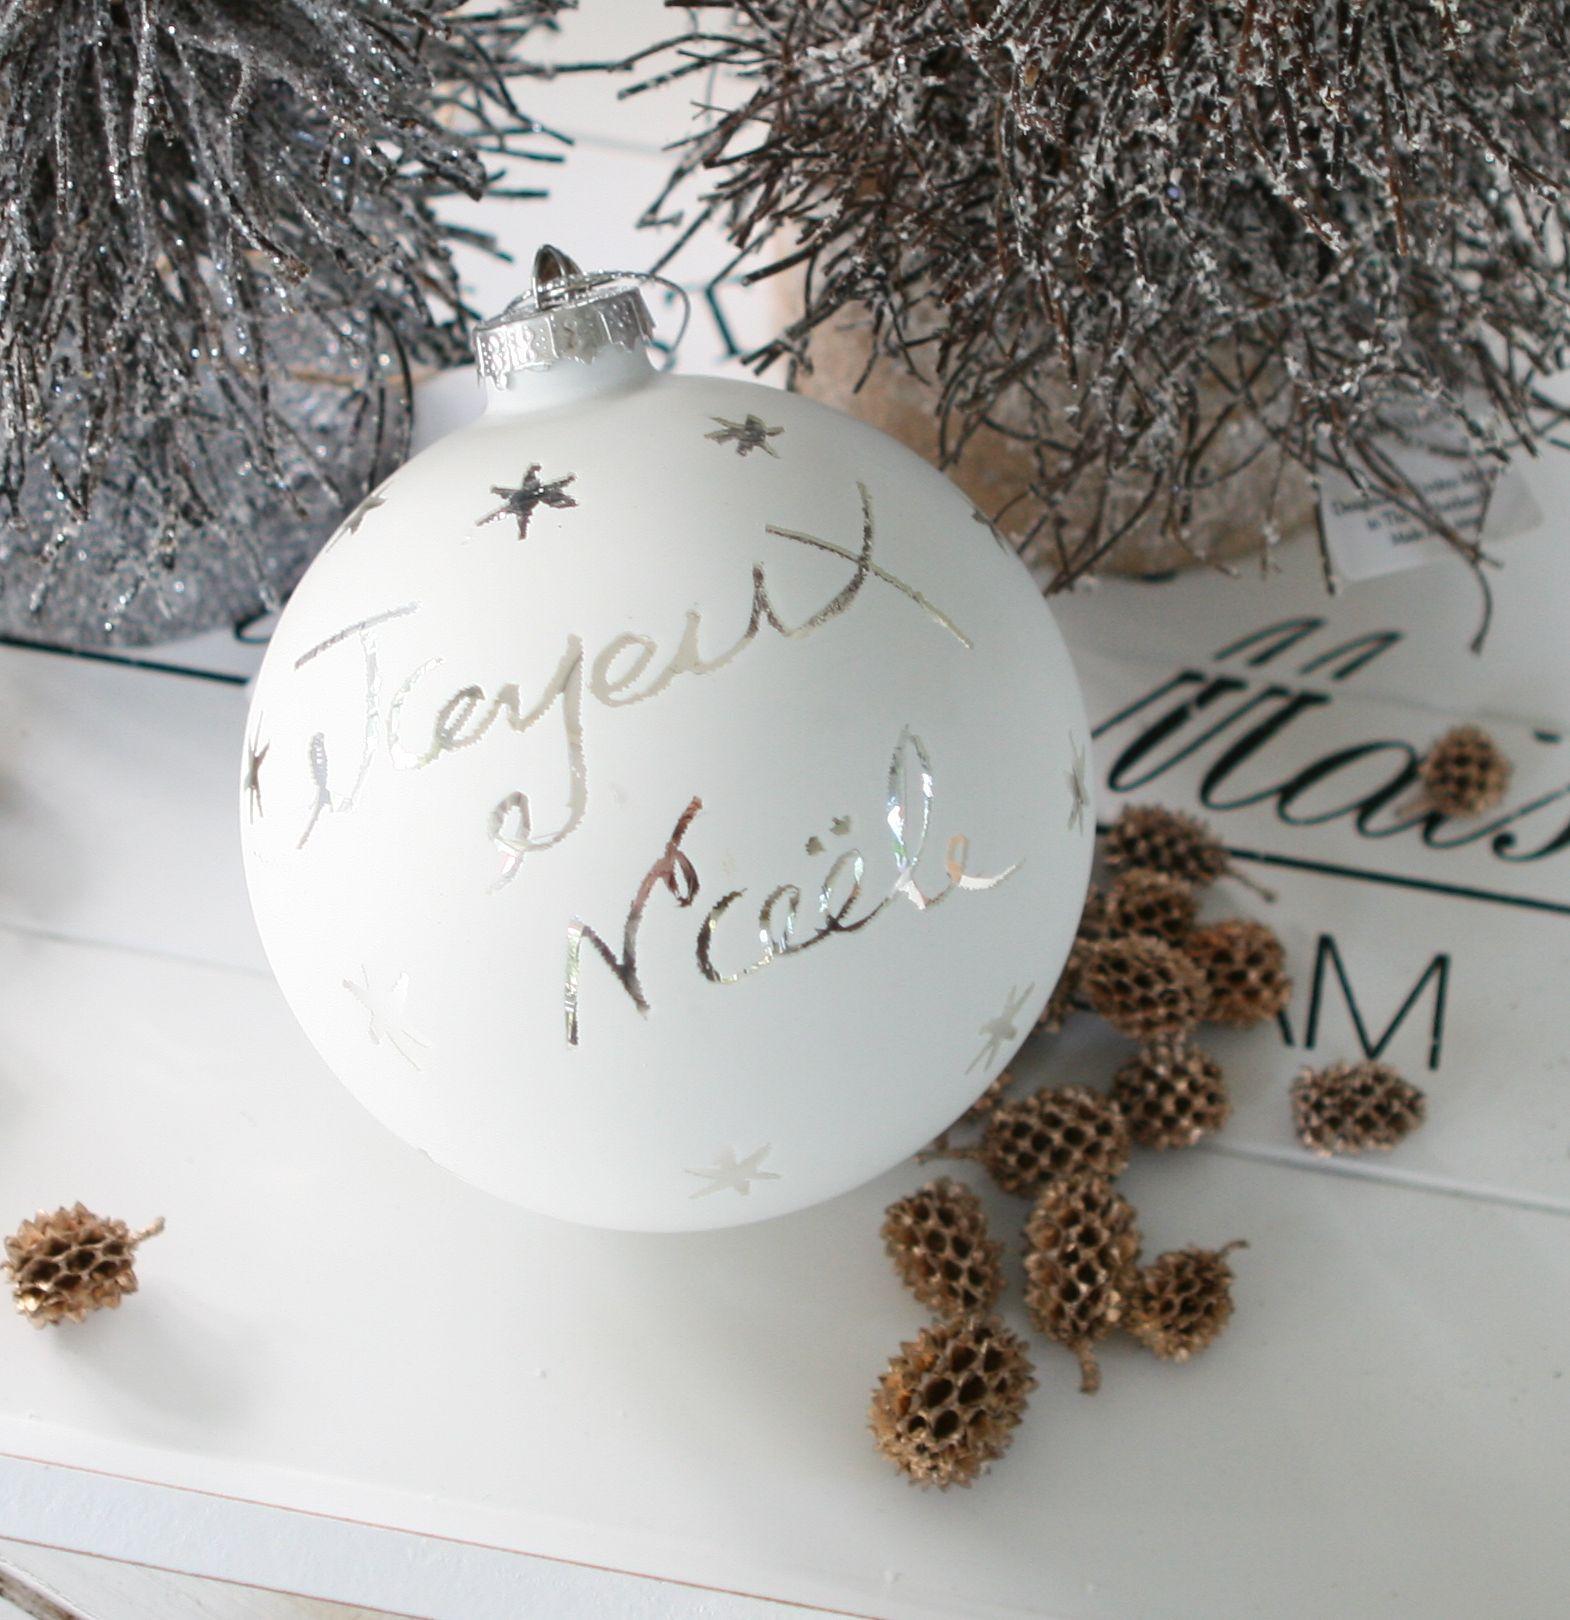 Hvid julekugle med tekst Joyeux Noël